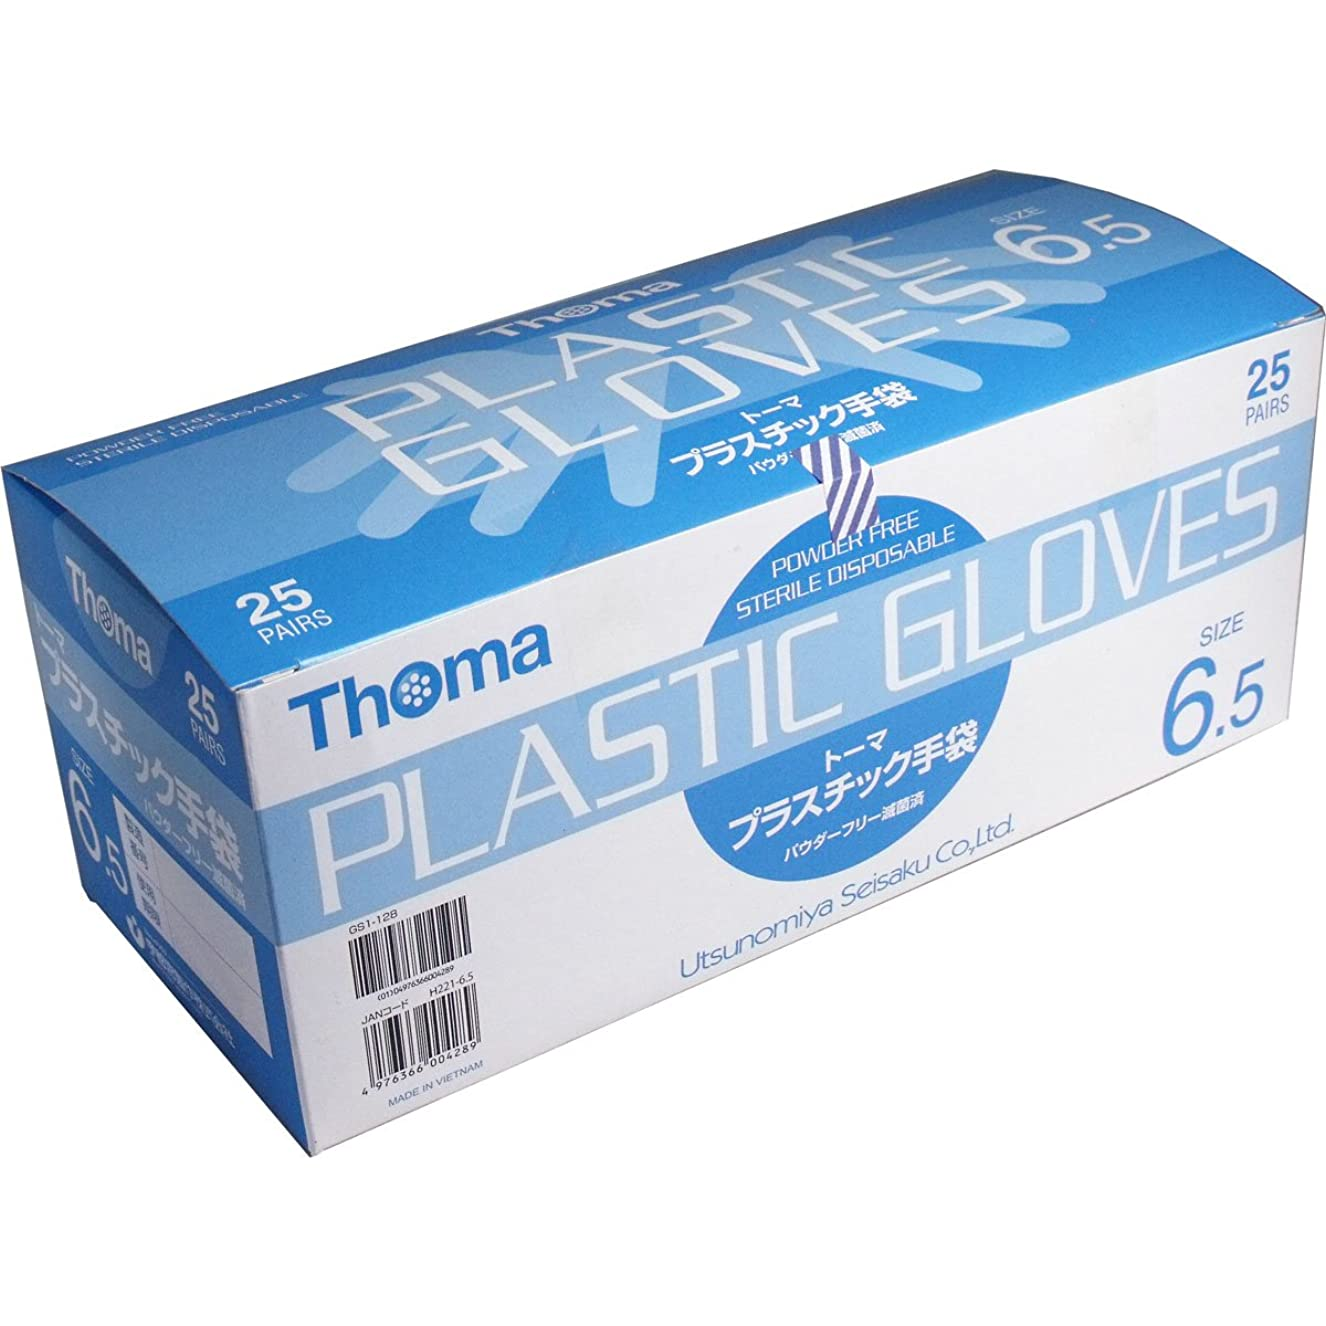 該当する大統領征服トーマ プラスチック手袋 パウダーフリー 滅菌済 サイズ6.5 25双入